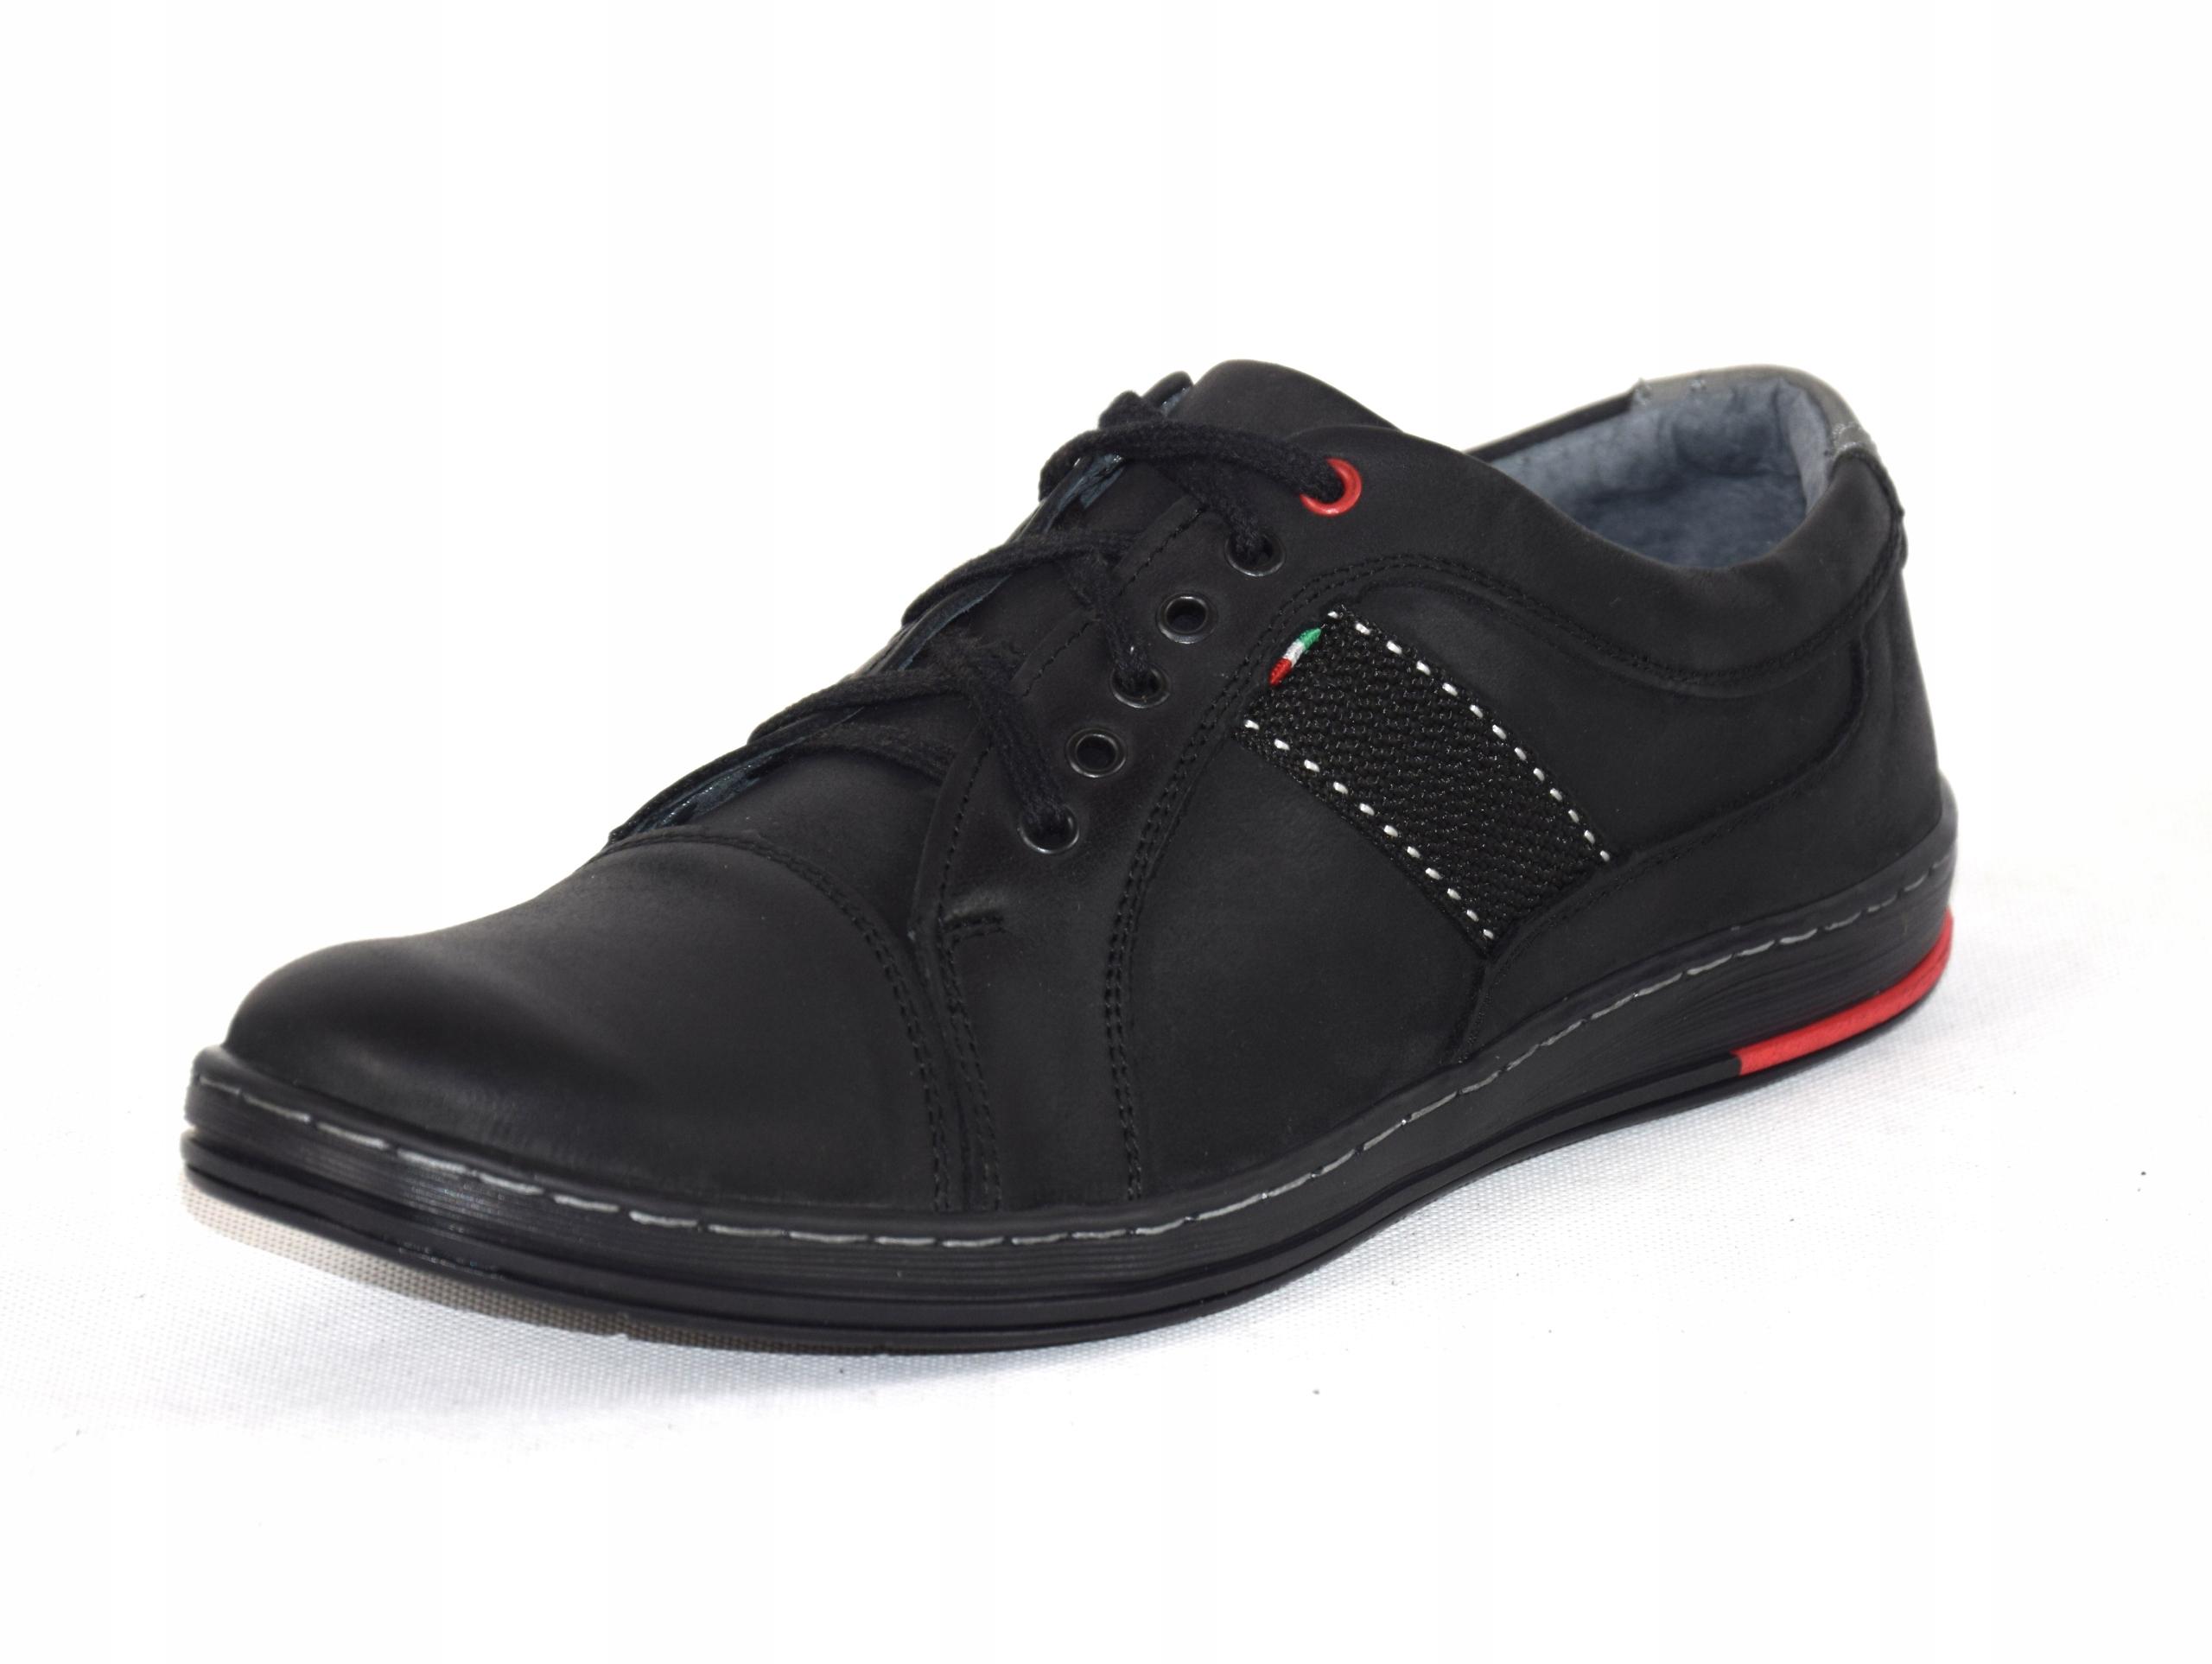 Półbuty czarne trampki skórzane buty polskie A238 Rozmiar 45